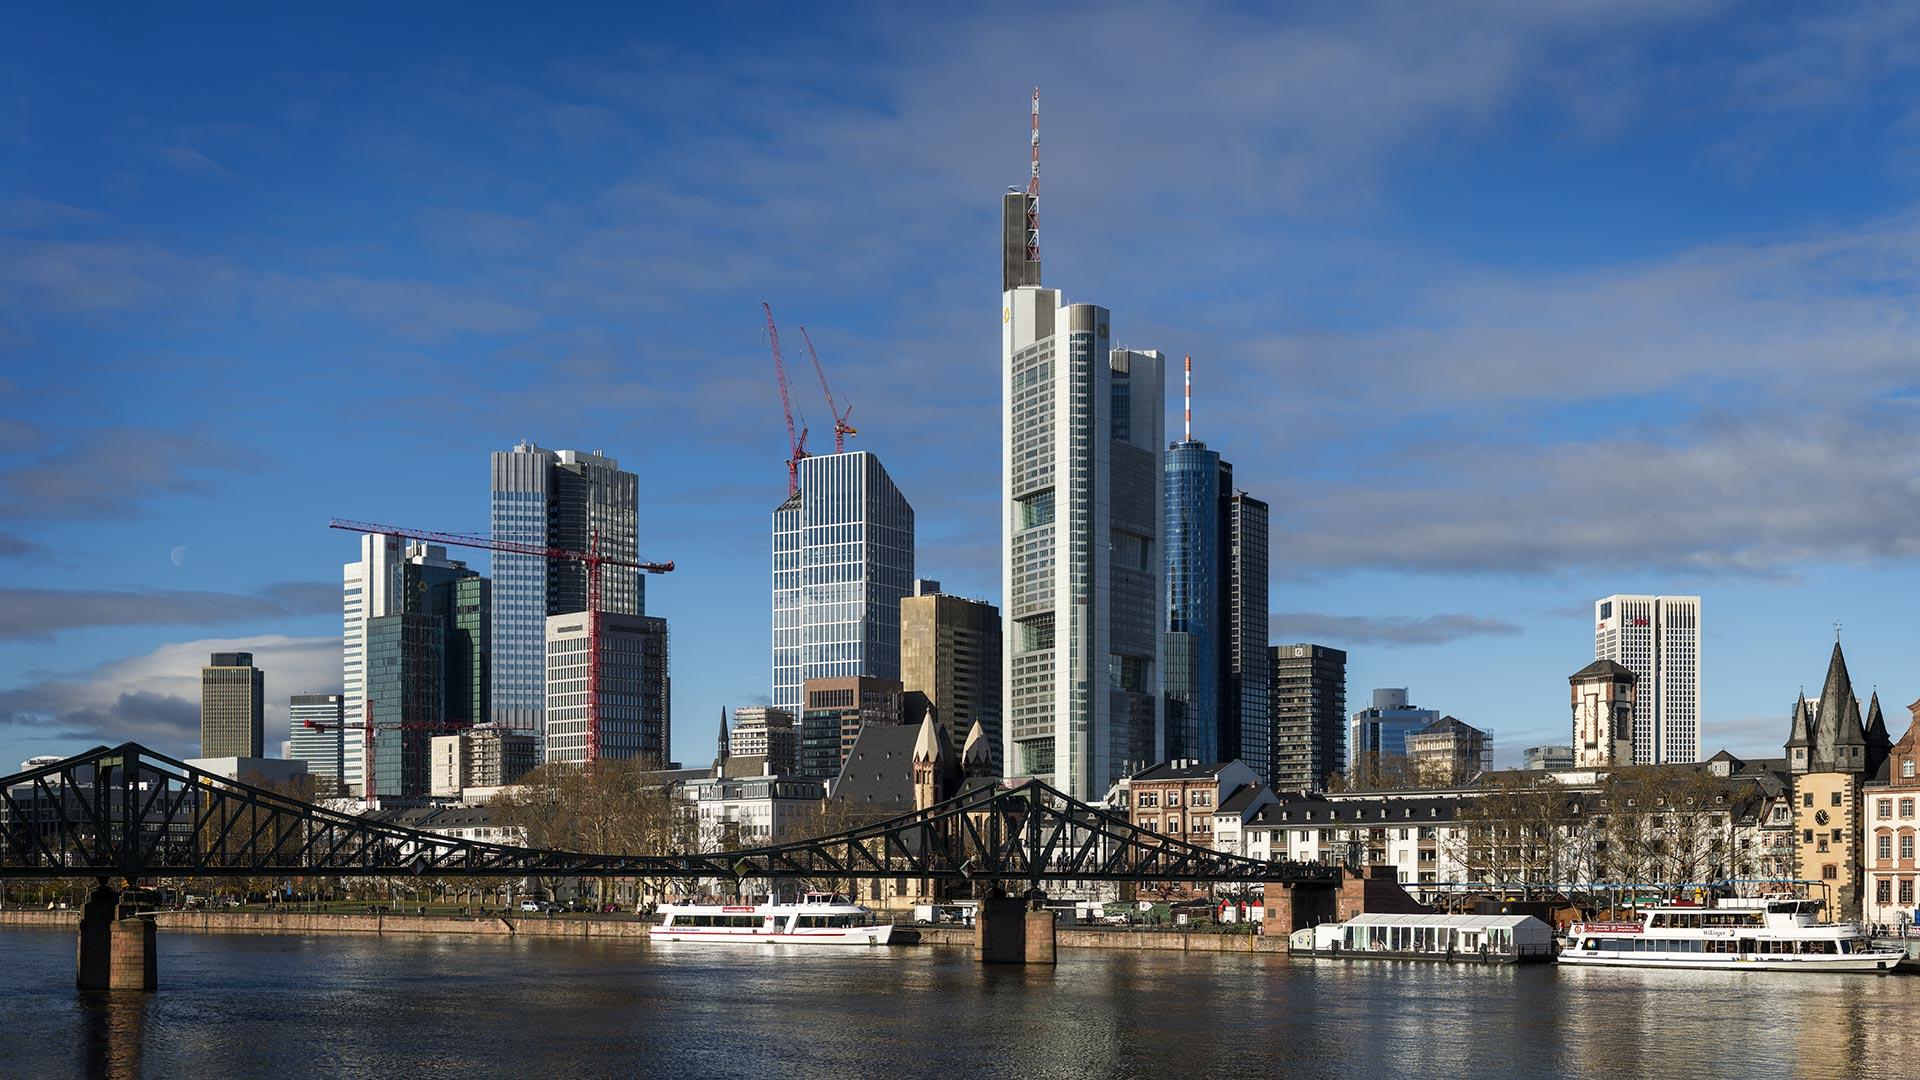 Tipico Frankfurt Am Main